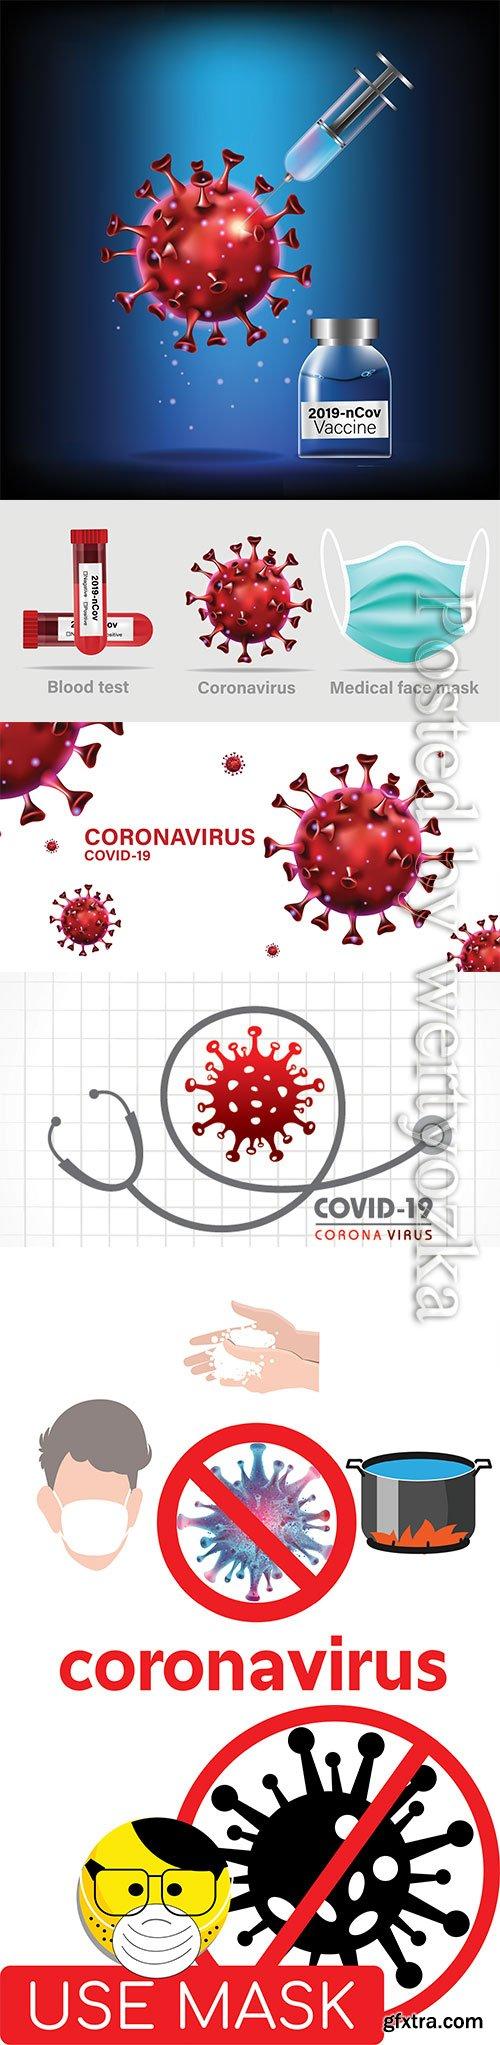 Concept for Covid-19 Corona virus